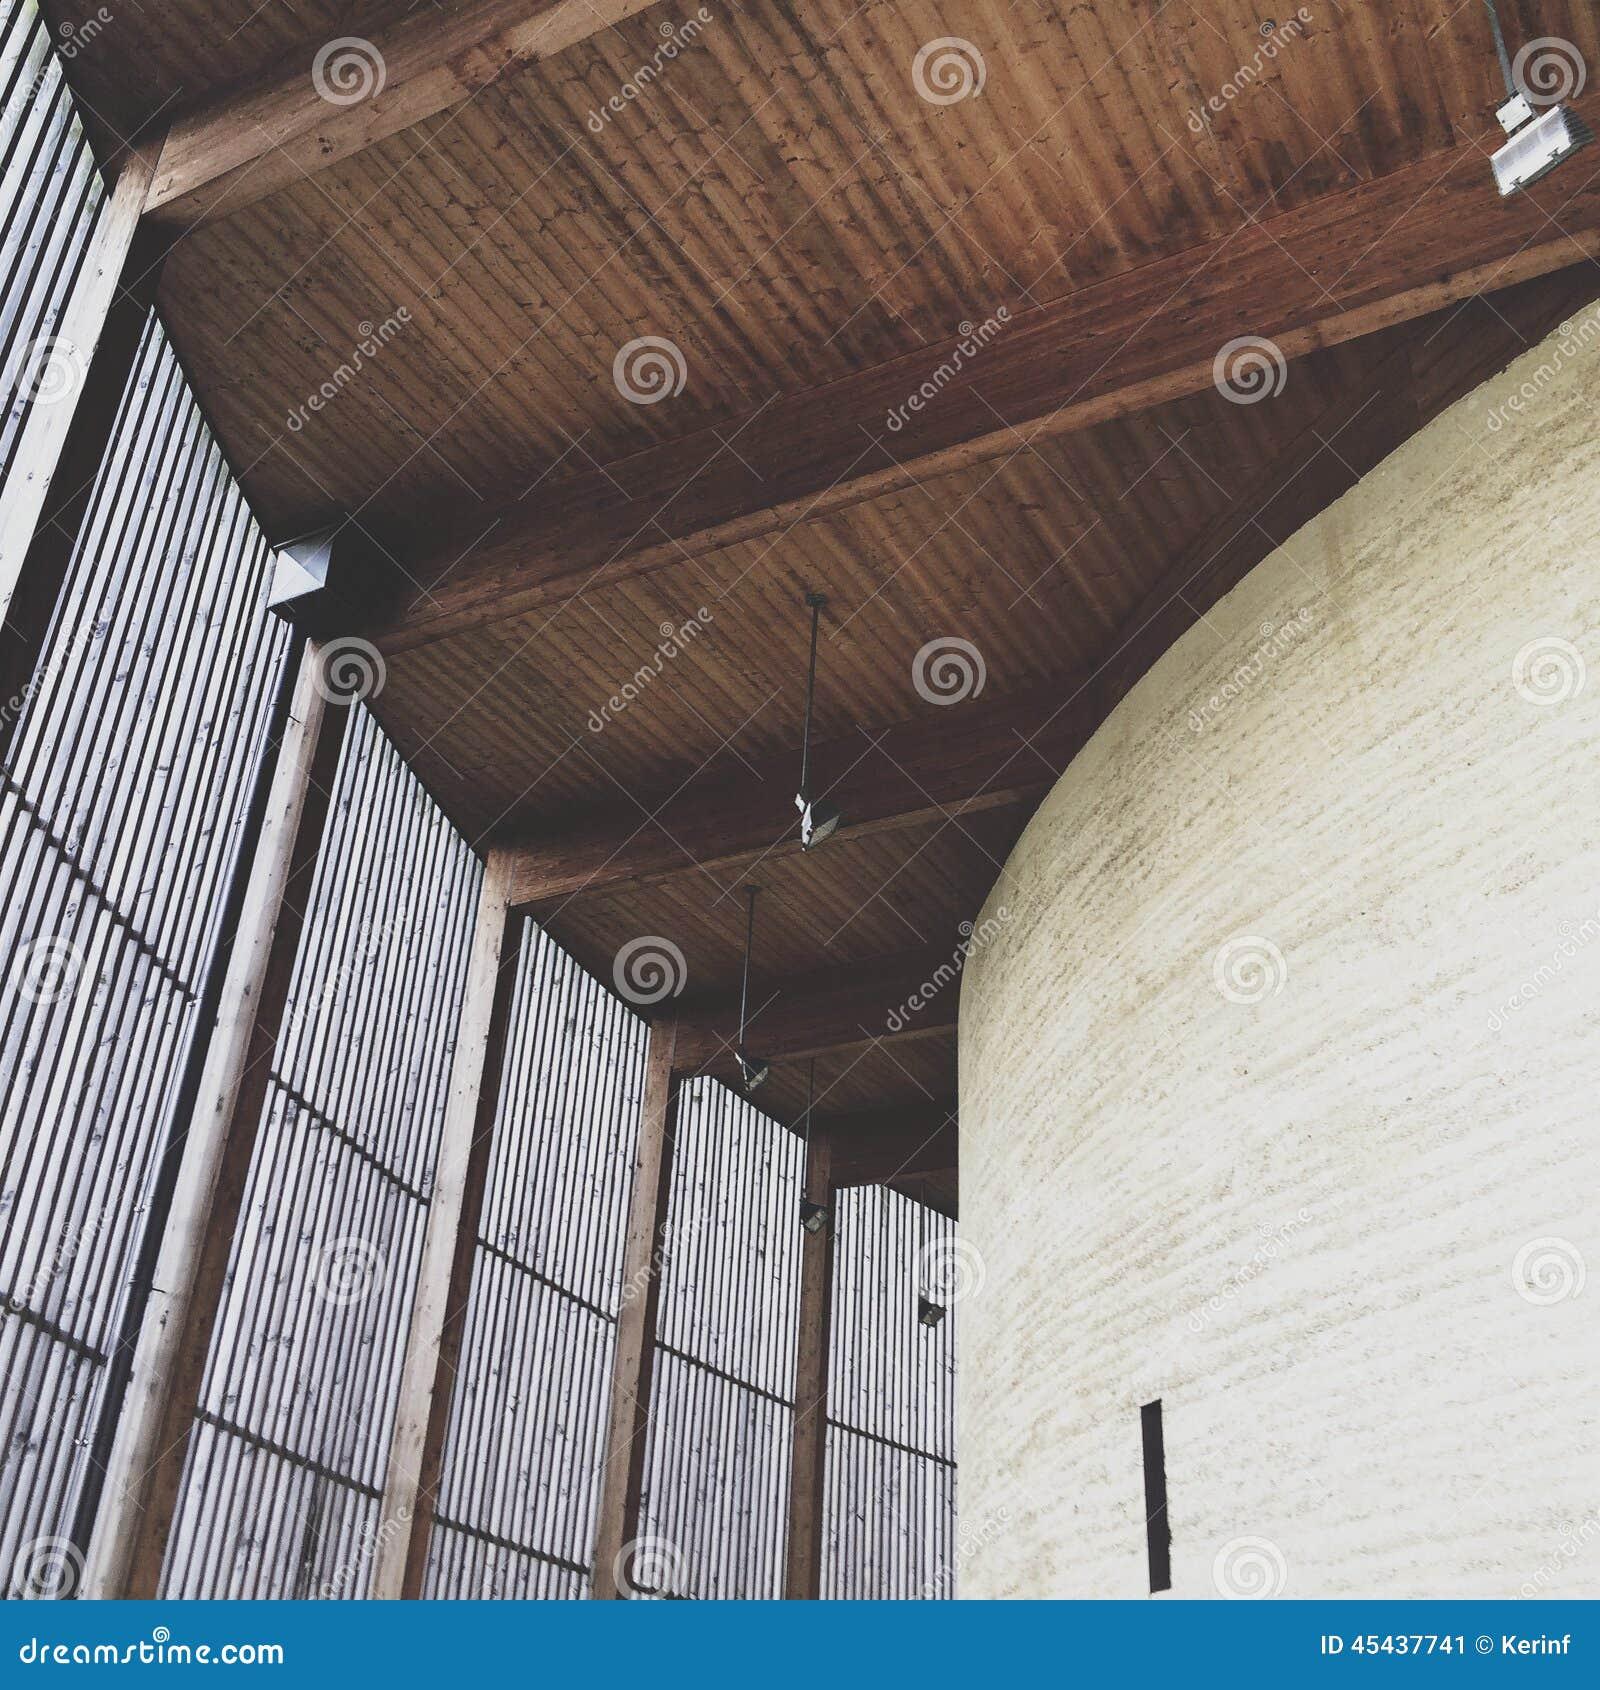 Kapel van Verzoening, Berlin Wall Memorial Park, Berlijn, Duitsland